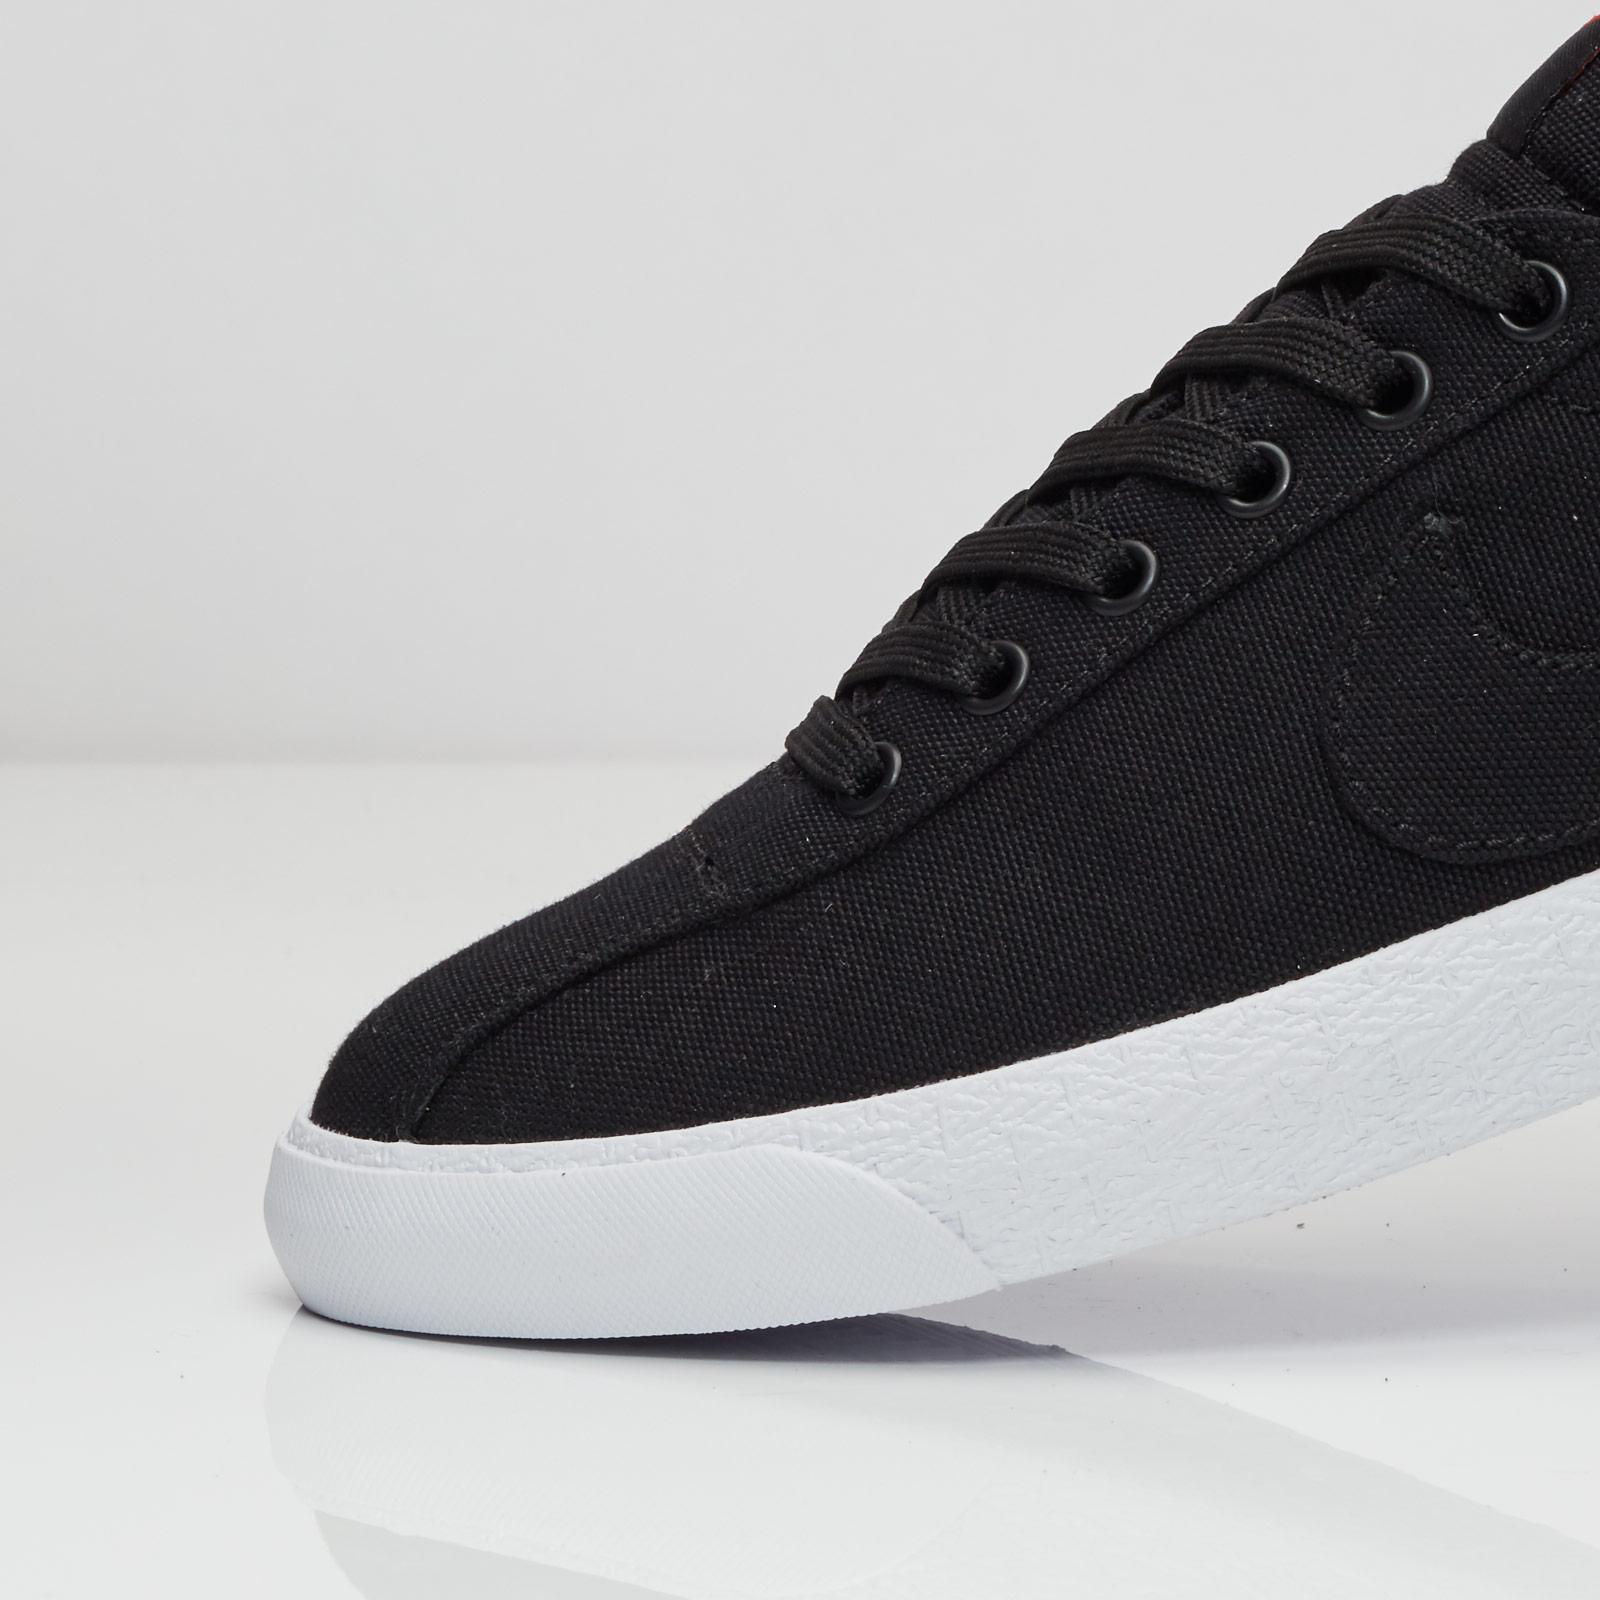 newest 5409a 8e04a Nike W Zoom Lauderdale   Fragment - 864294-001 - Sneakersnstuff   sneakers    streetwear online since 1999